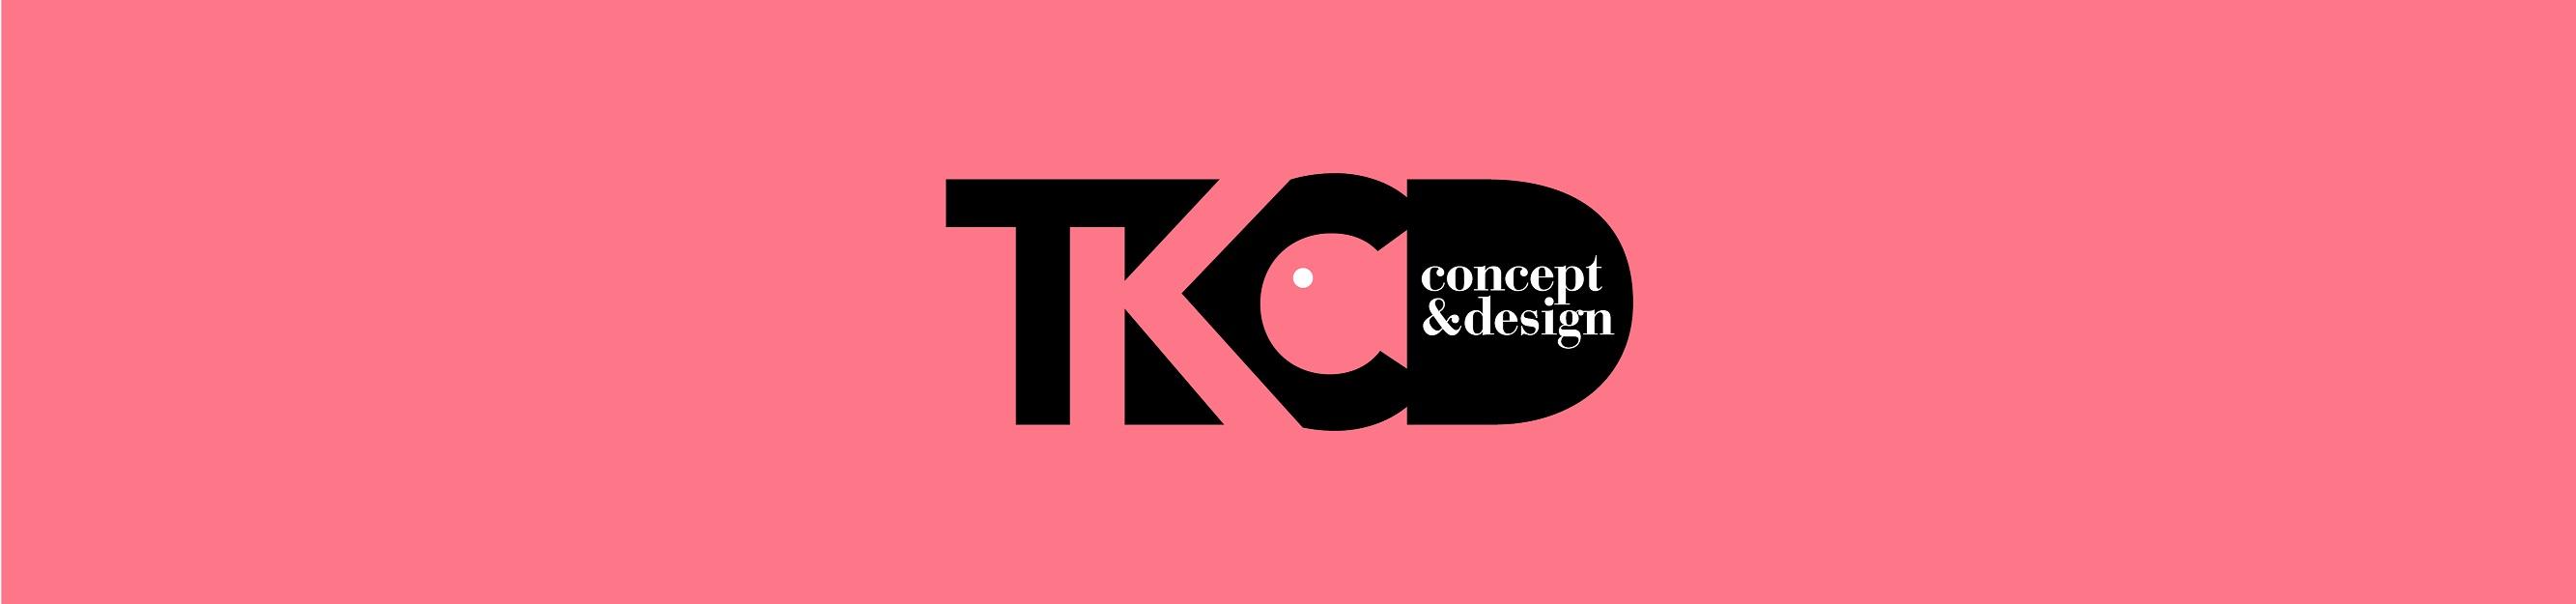 Footer TKCD